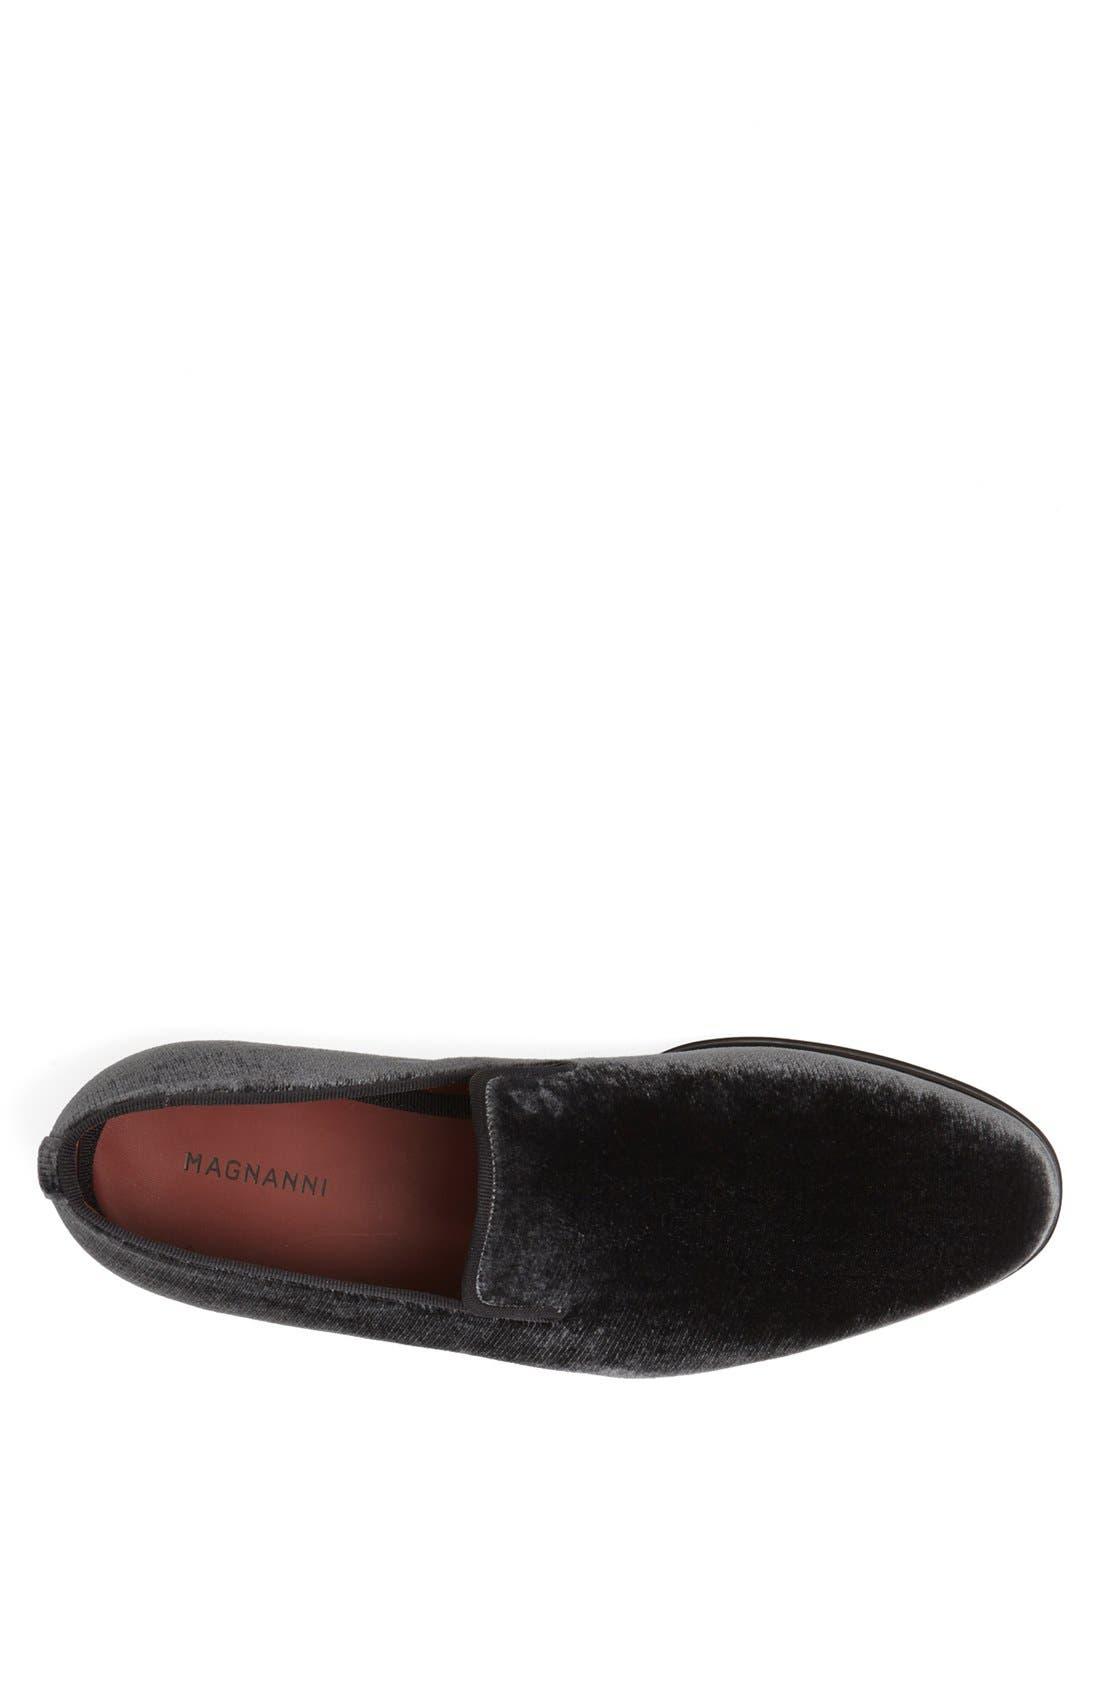 Alternate Image 3  - Magnanni 'Dorio' Velvet Venetian Loafer